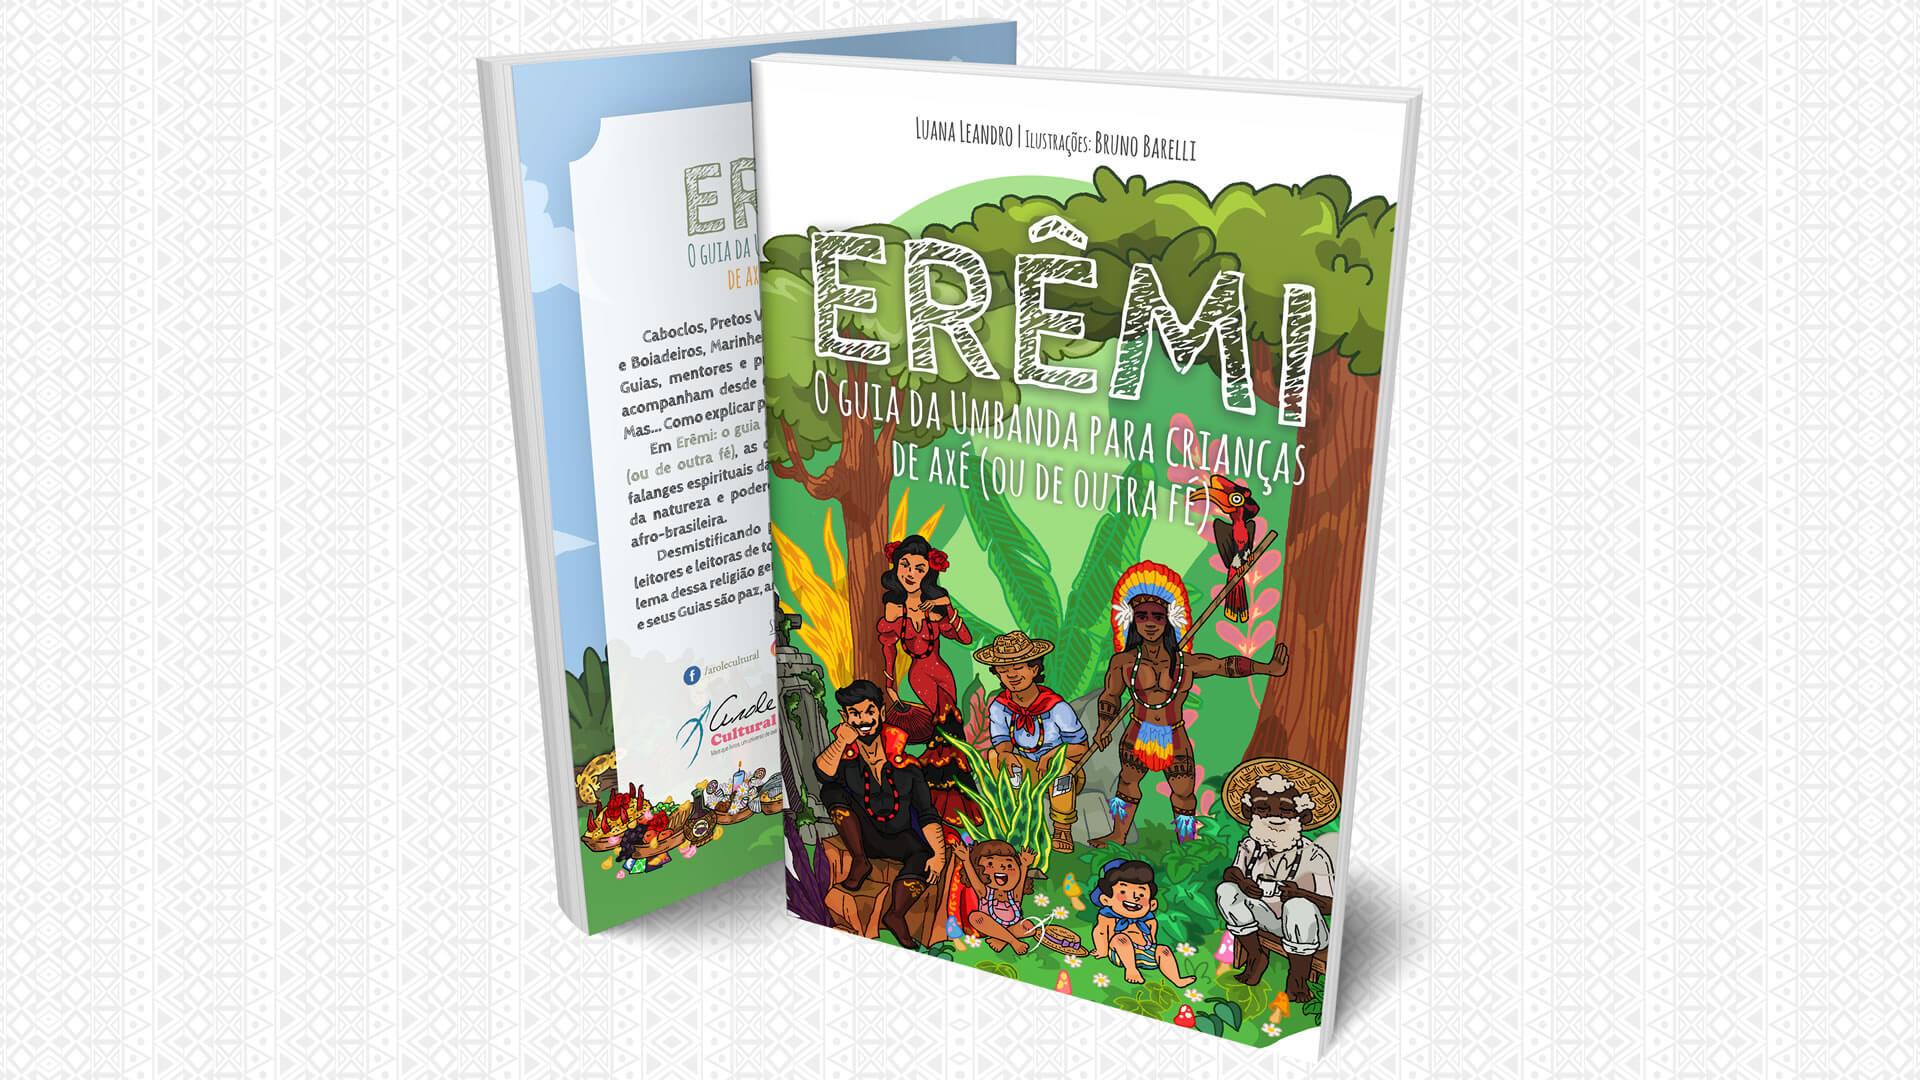 Diego de Oxóssi | ERÊMI: O Guia da Umbanda para Crianças de Axé, lançamento da Arole Cultural, apresenta as 12 falanges espirituais da Umbanda para as crianças!